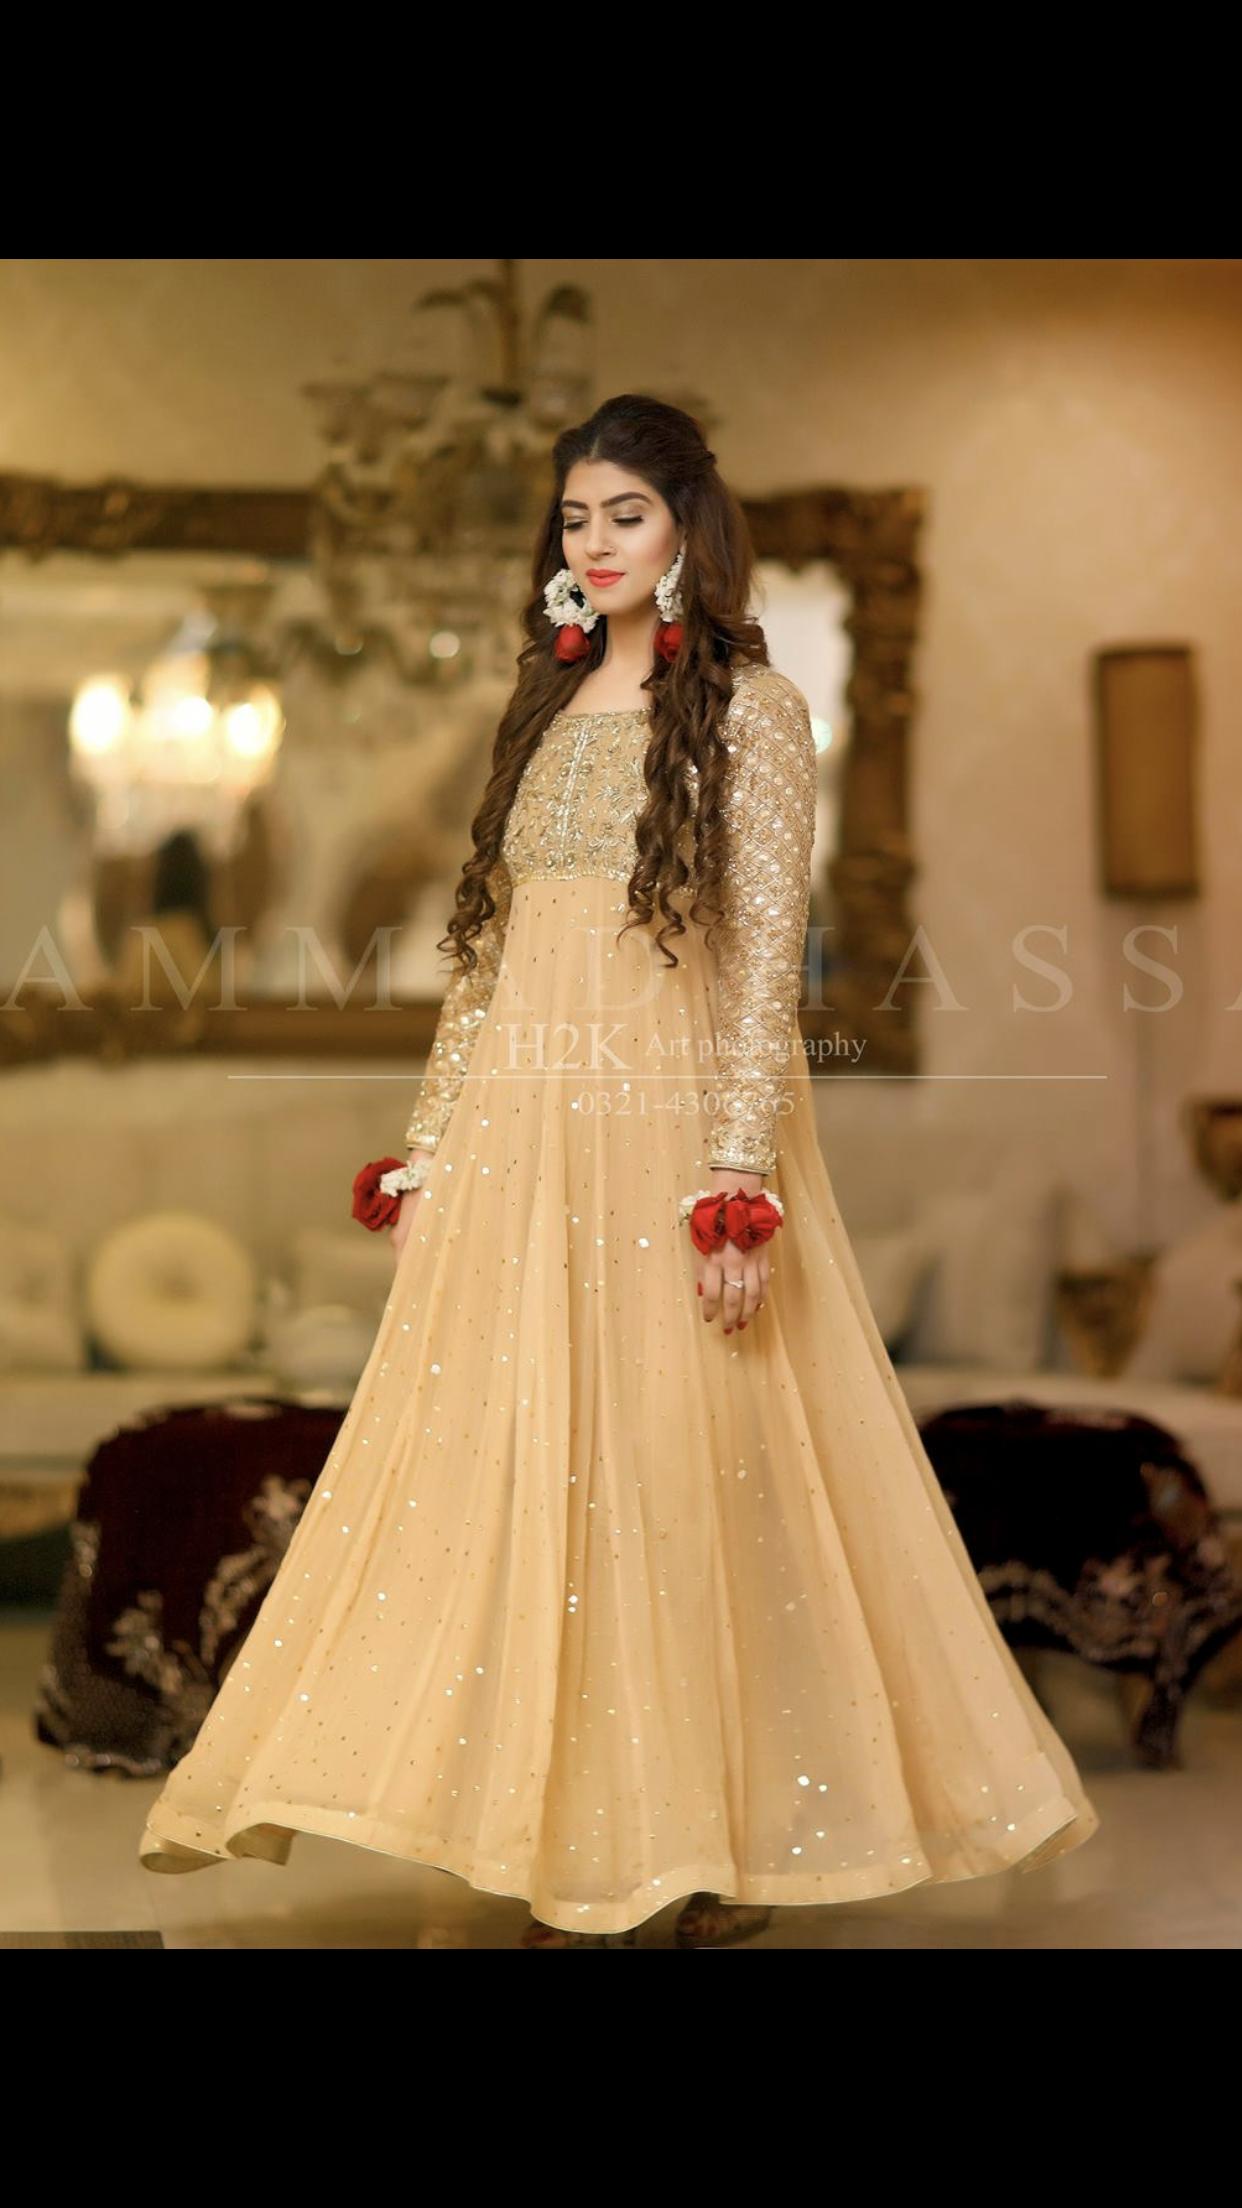 433c836b46 Pin by zzeba nai on Designers in 2019 | Mayon dresses, Pakistani ...